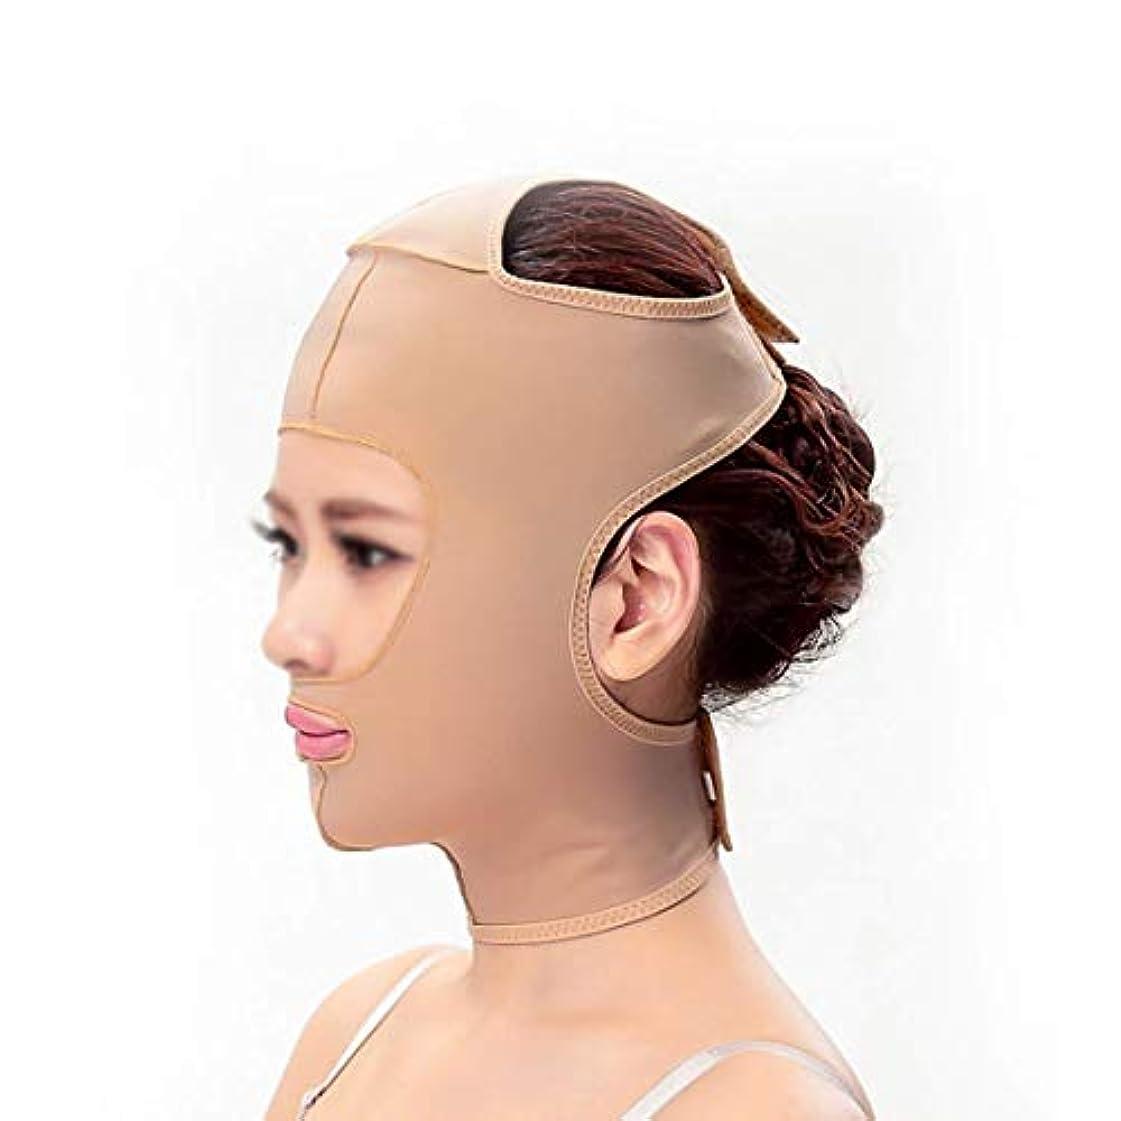 中絶否定する例スリミングベルト、二重あごの引き締め顔面プラスチックフェイスアーティファクト強力なフェイスバンデージをサイズアップするために顔面マスクシンフェイスマスク,S